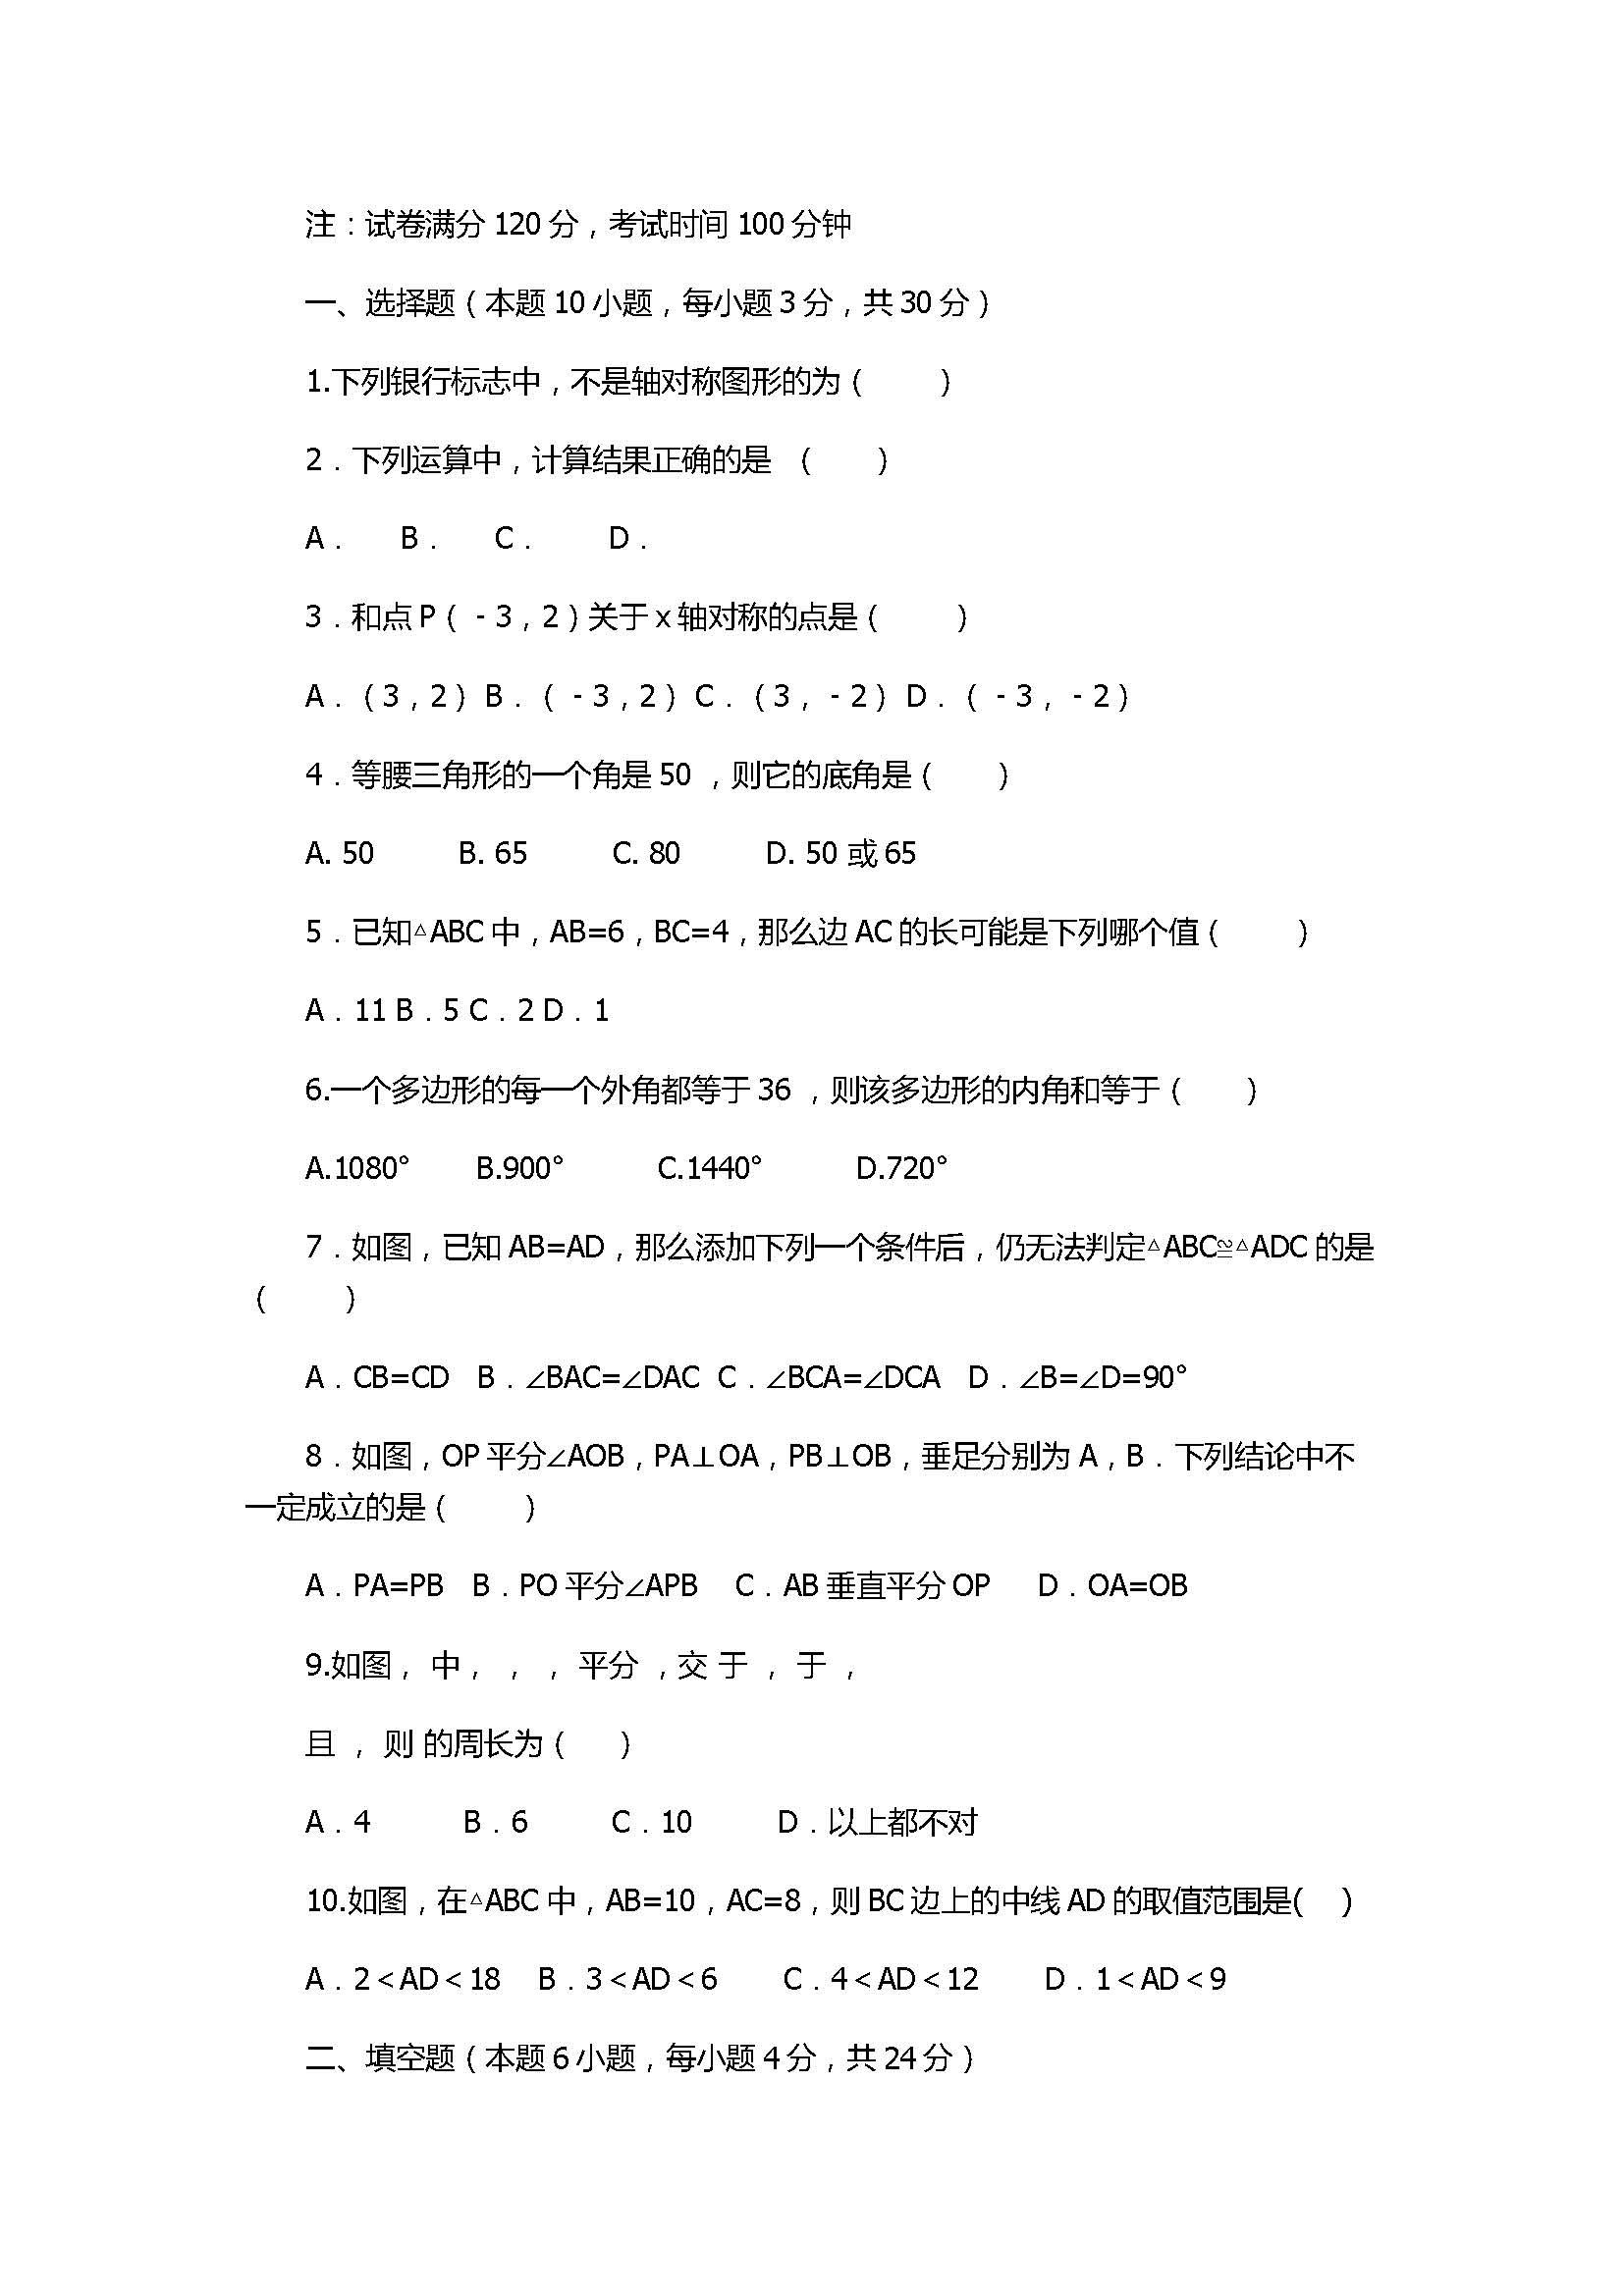 2017初二年级数学上册月考测试卷附参考答案(铜盂镇)